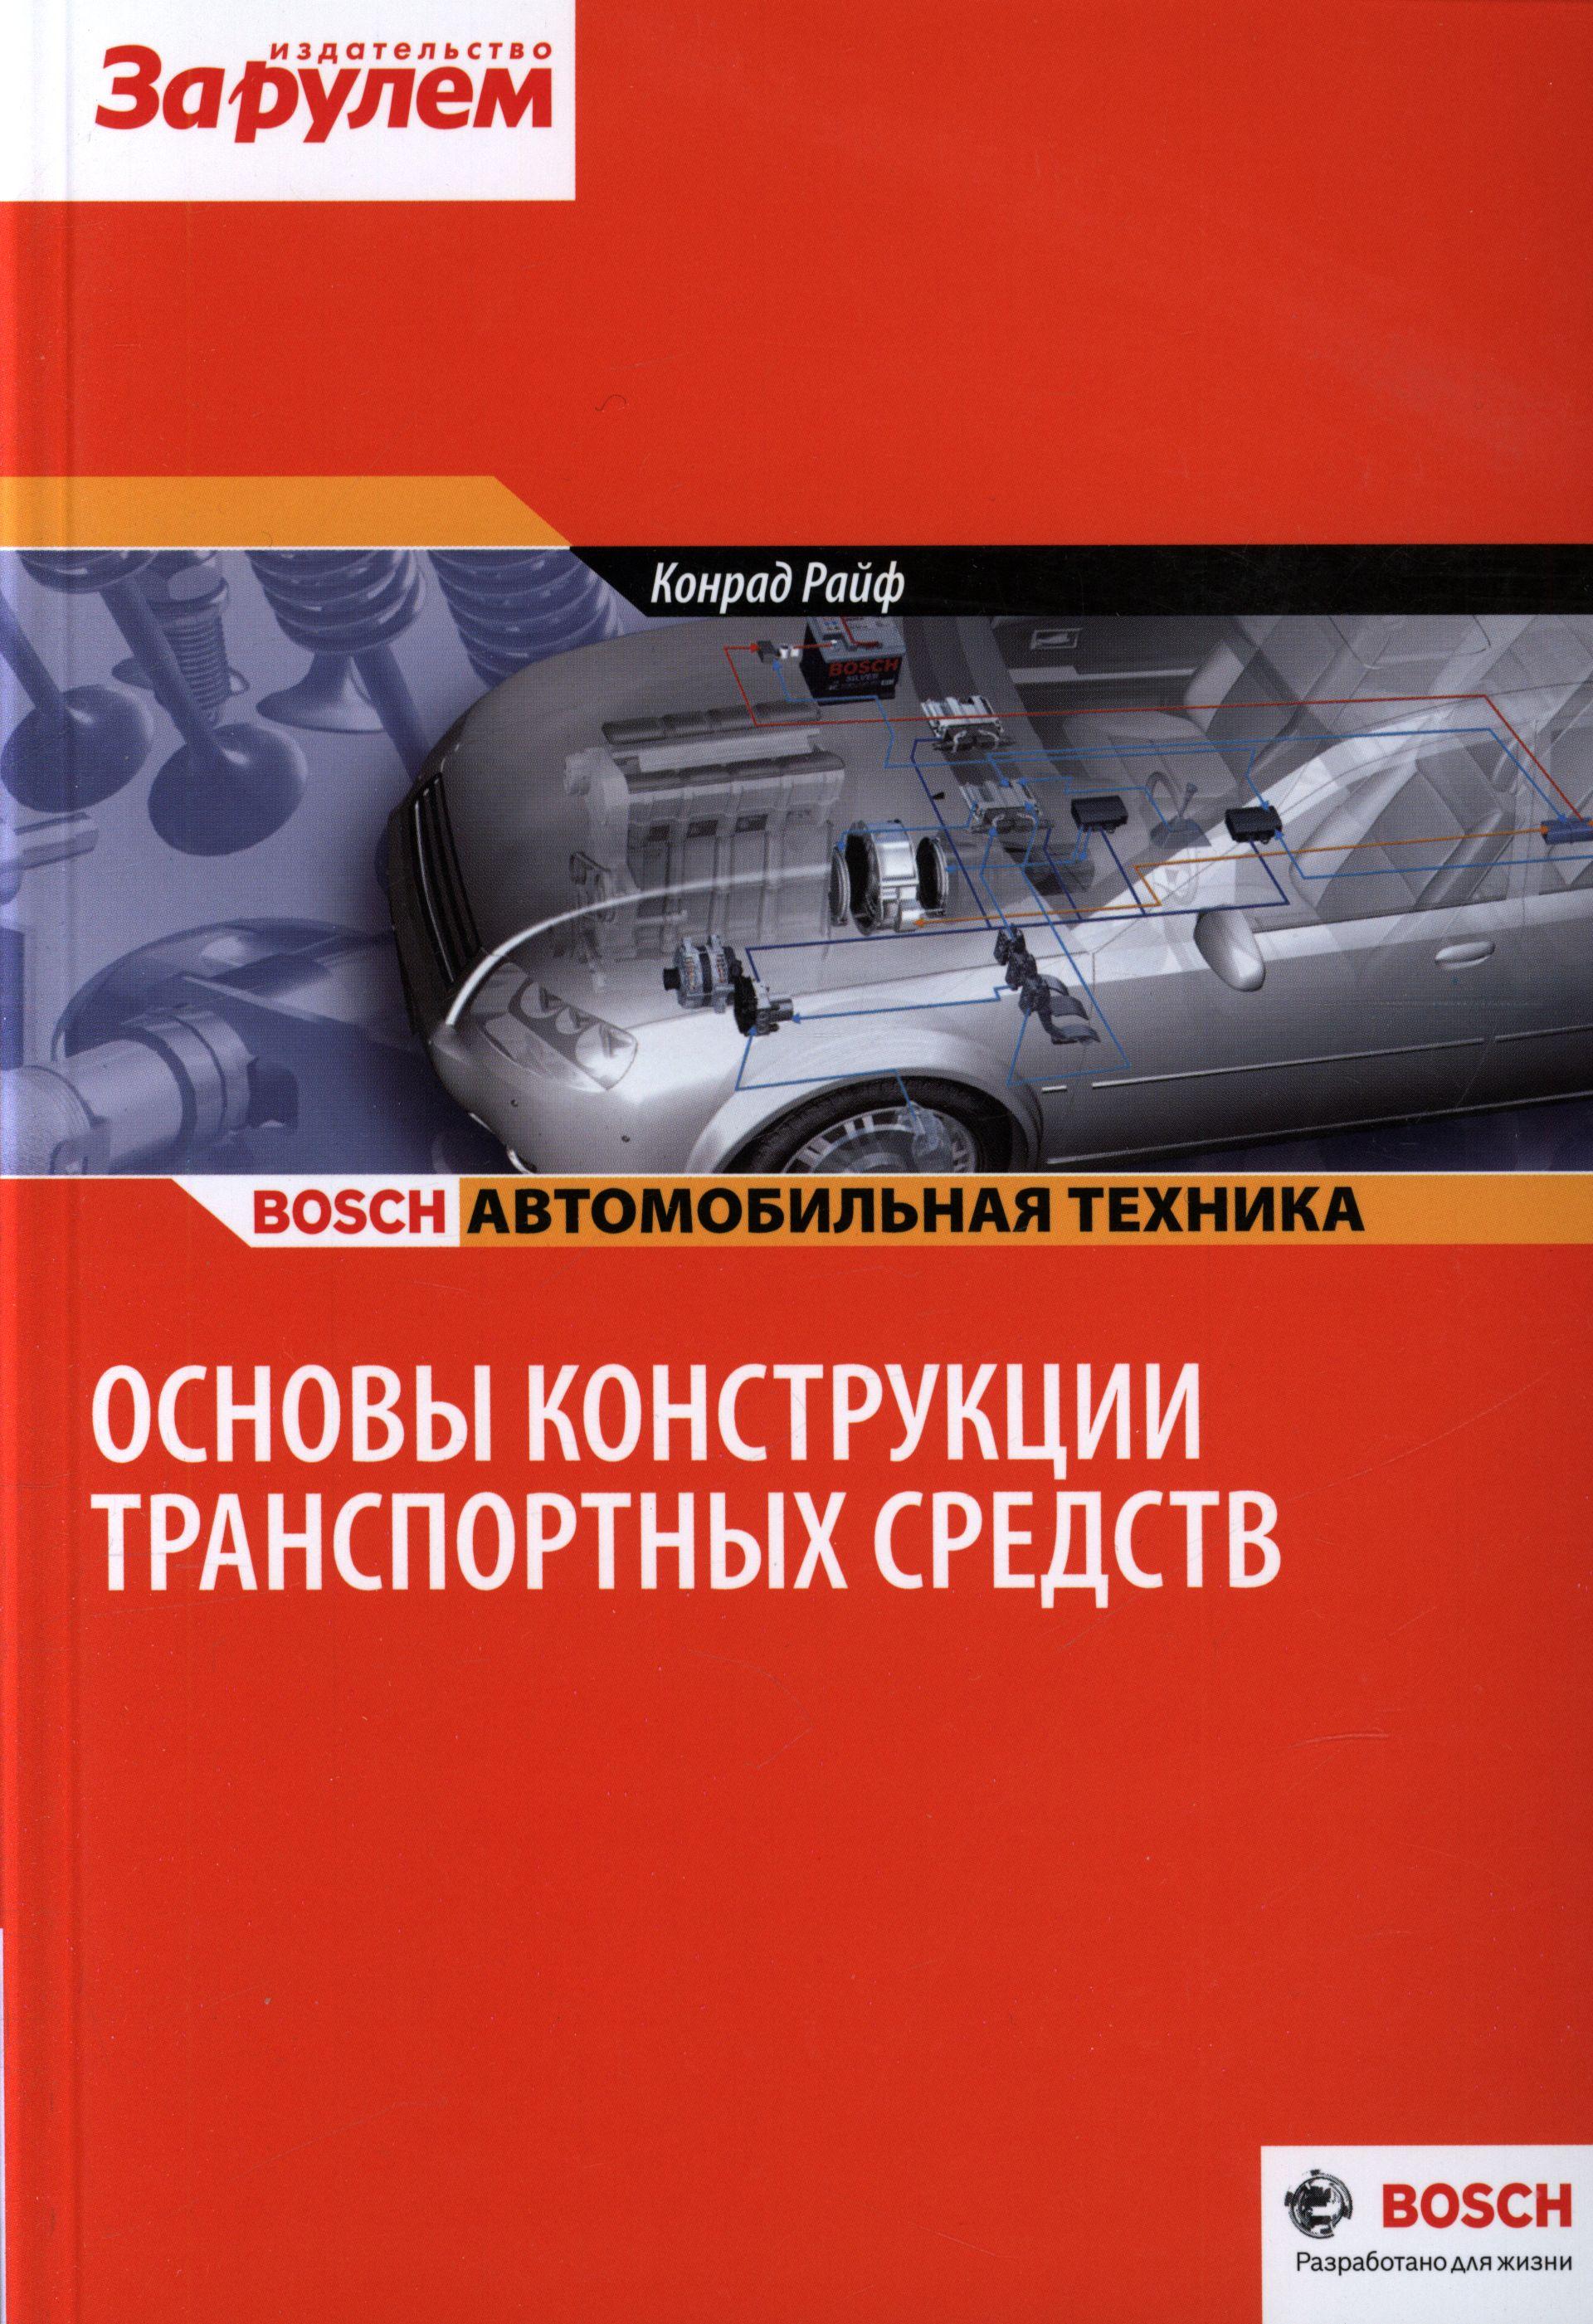 Основы конструкции транспортных средств. Bosh.  Конрад Райф.